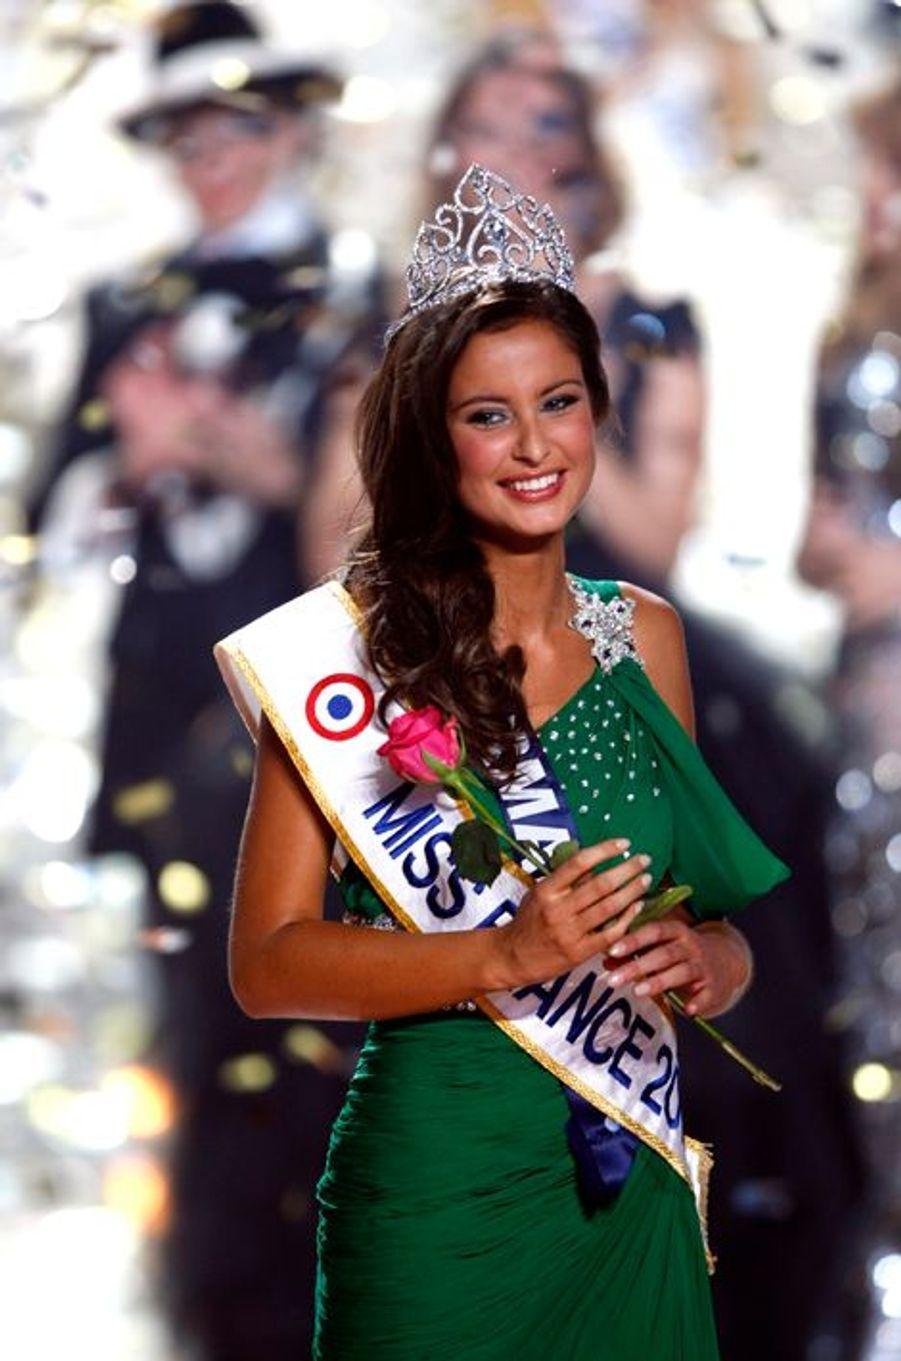 Malika Ménard est élue Miss France 2010 le 5 décembre 2009 sur TF1.